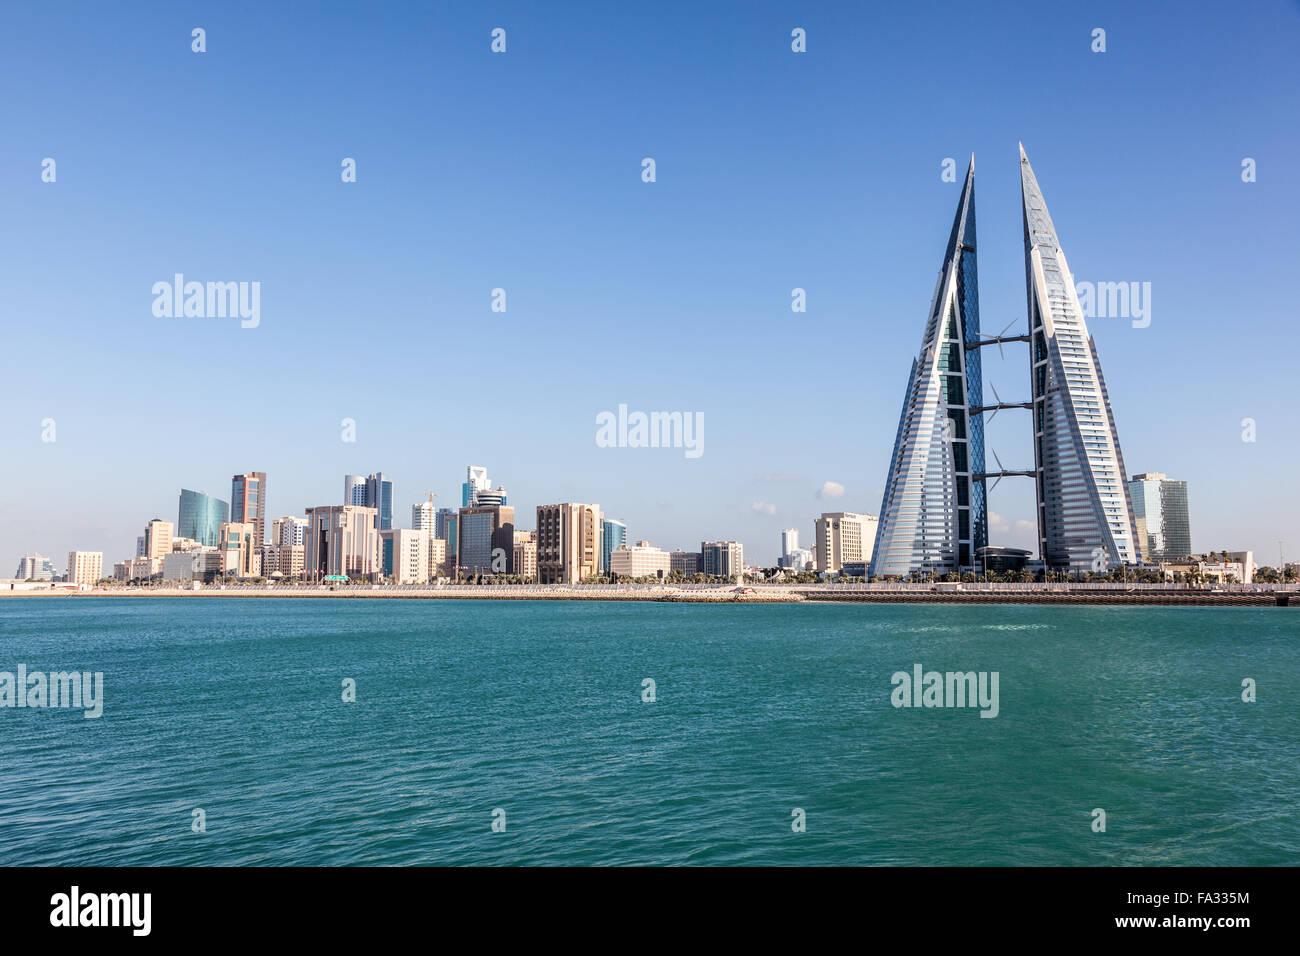 Horizonte de Manama, Reino de Bahréin Imagen De Stock